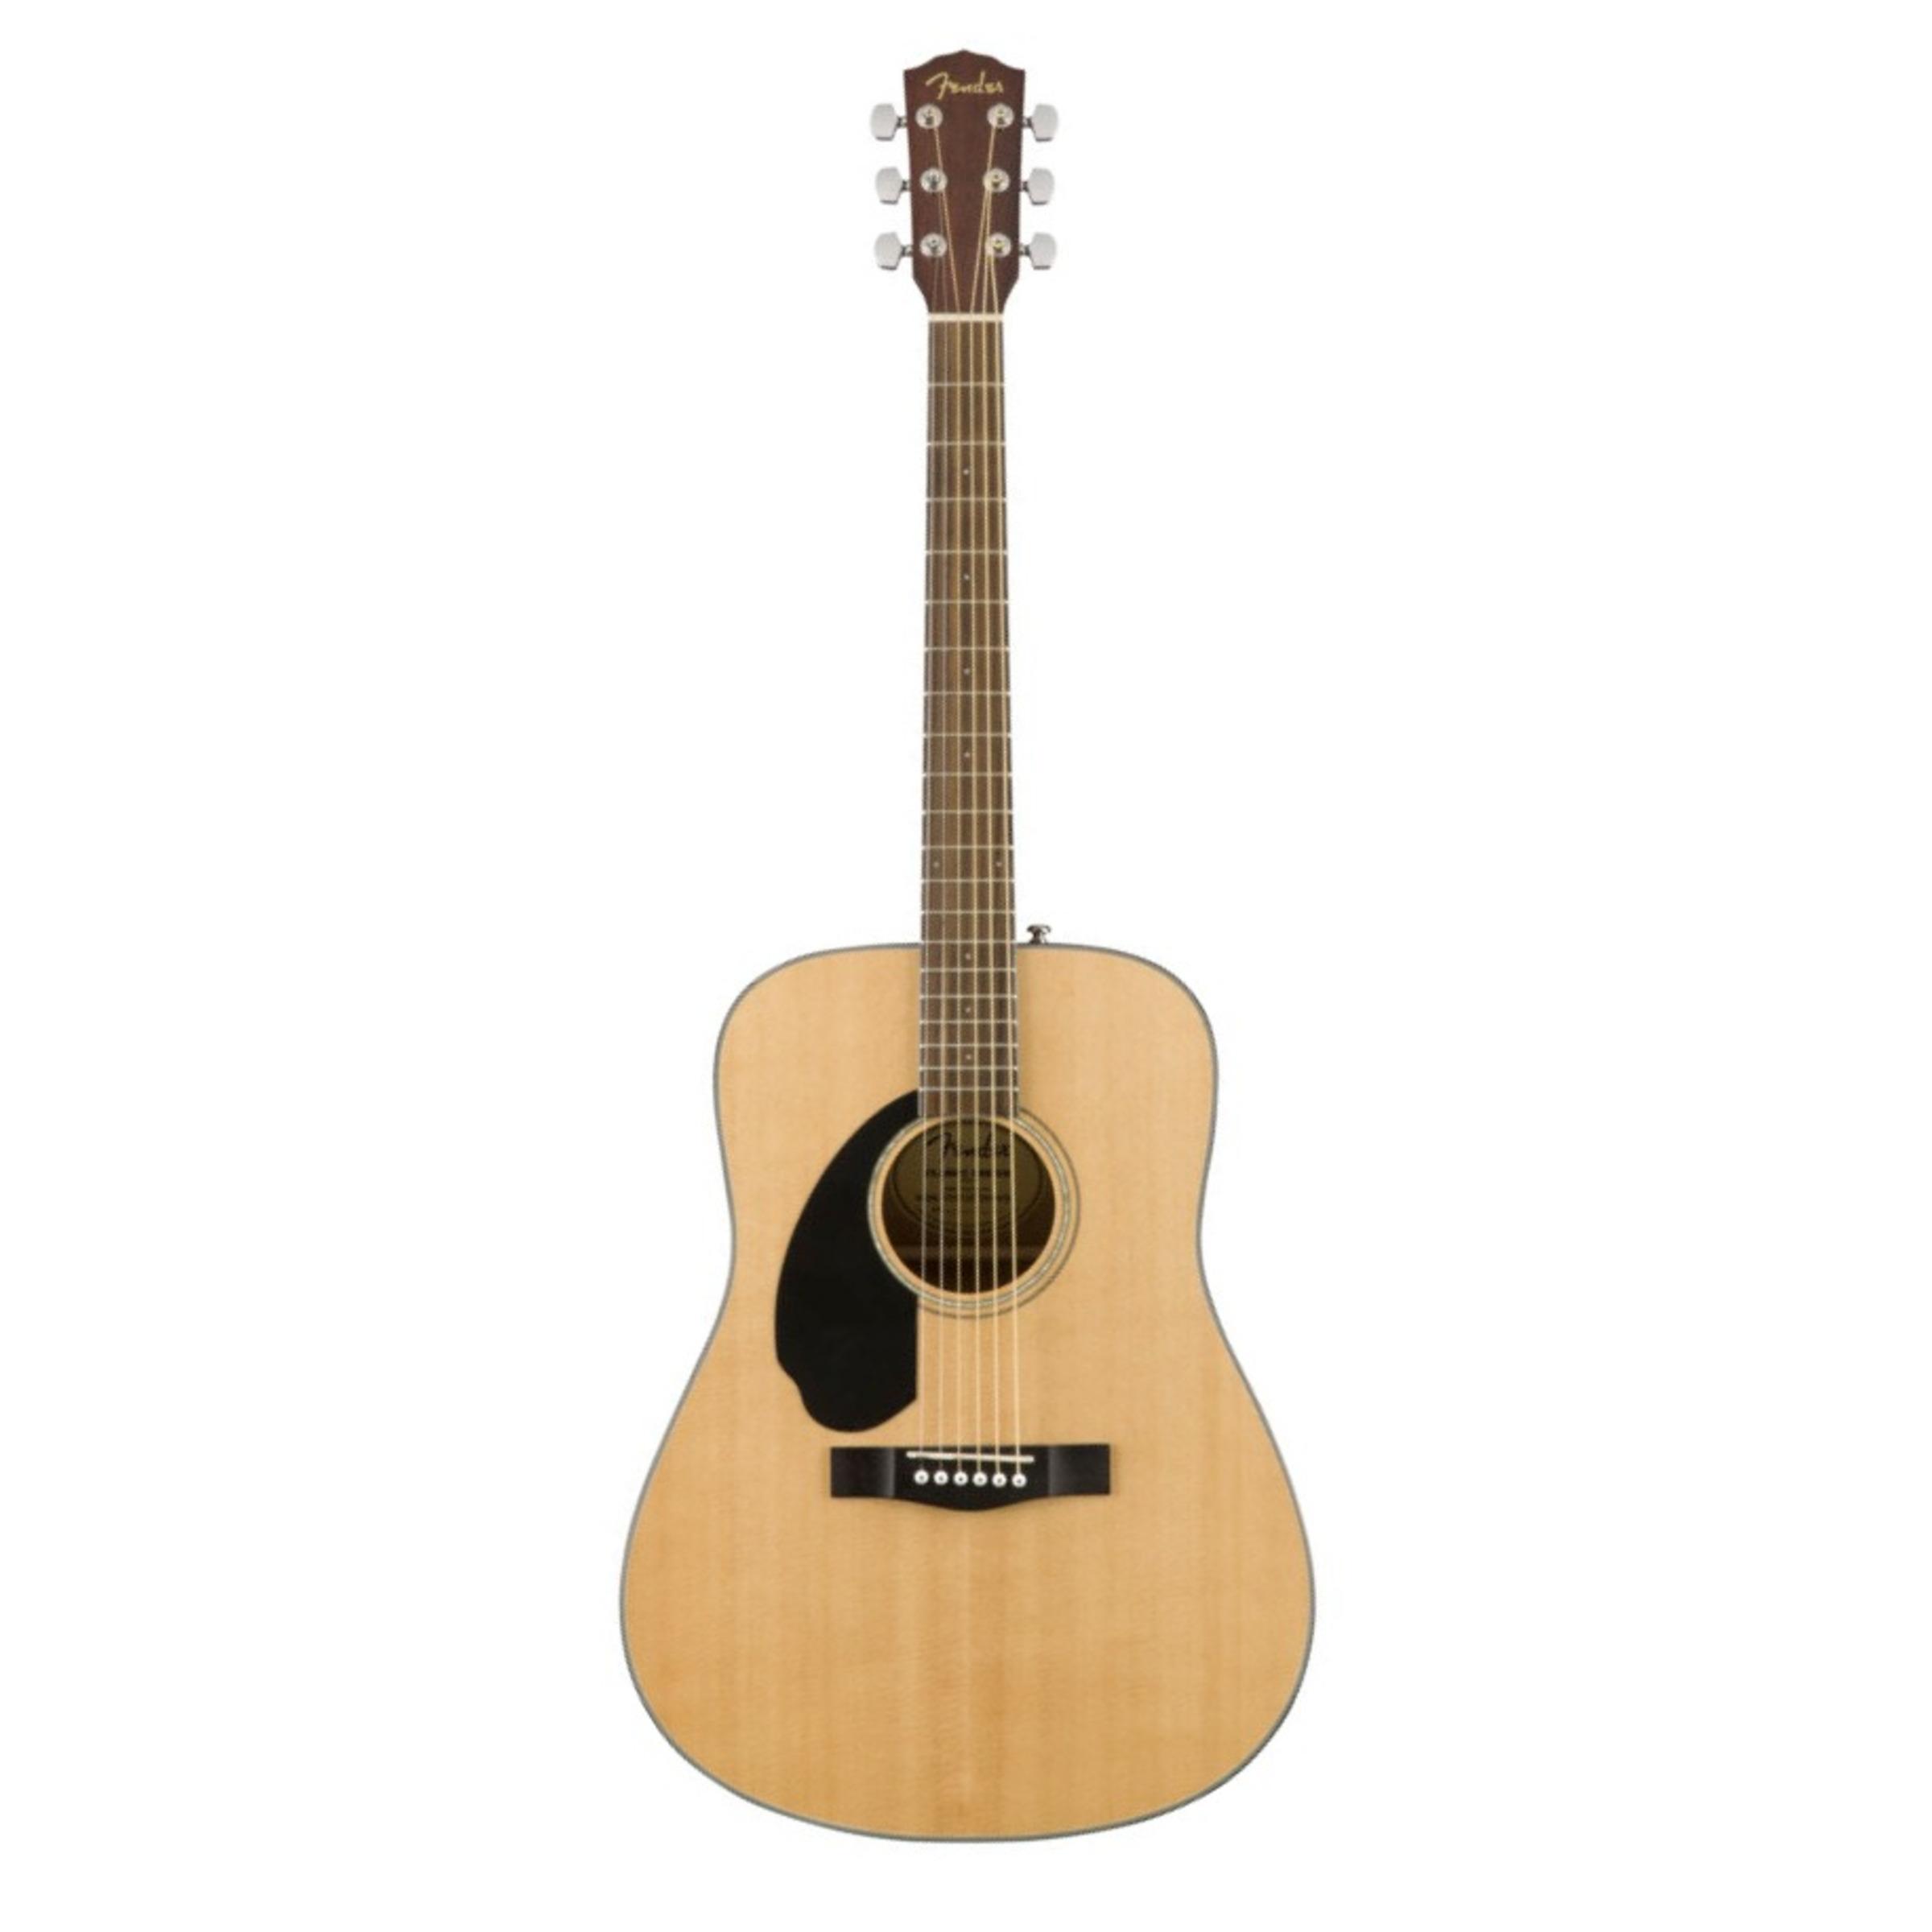 fender cd60s left handed solid top dreadnought acoustic guitar natural giggear. Black Bedroom Furniture Sets. Home Design Ideas